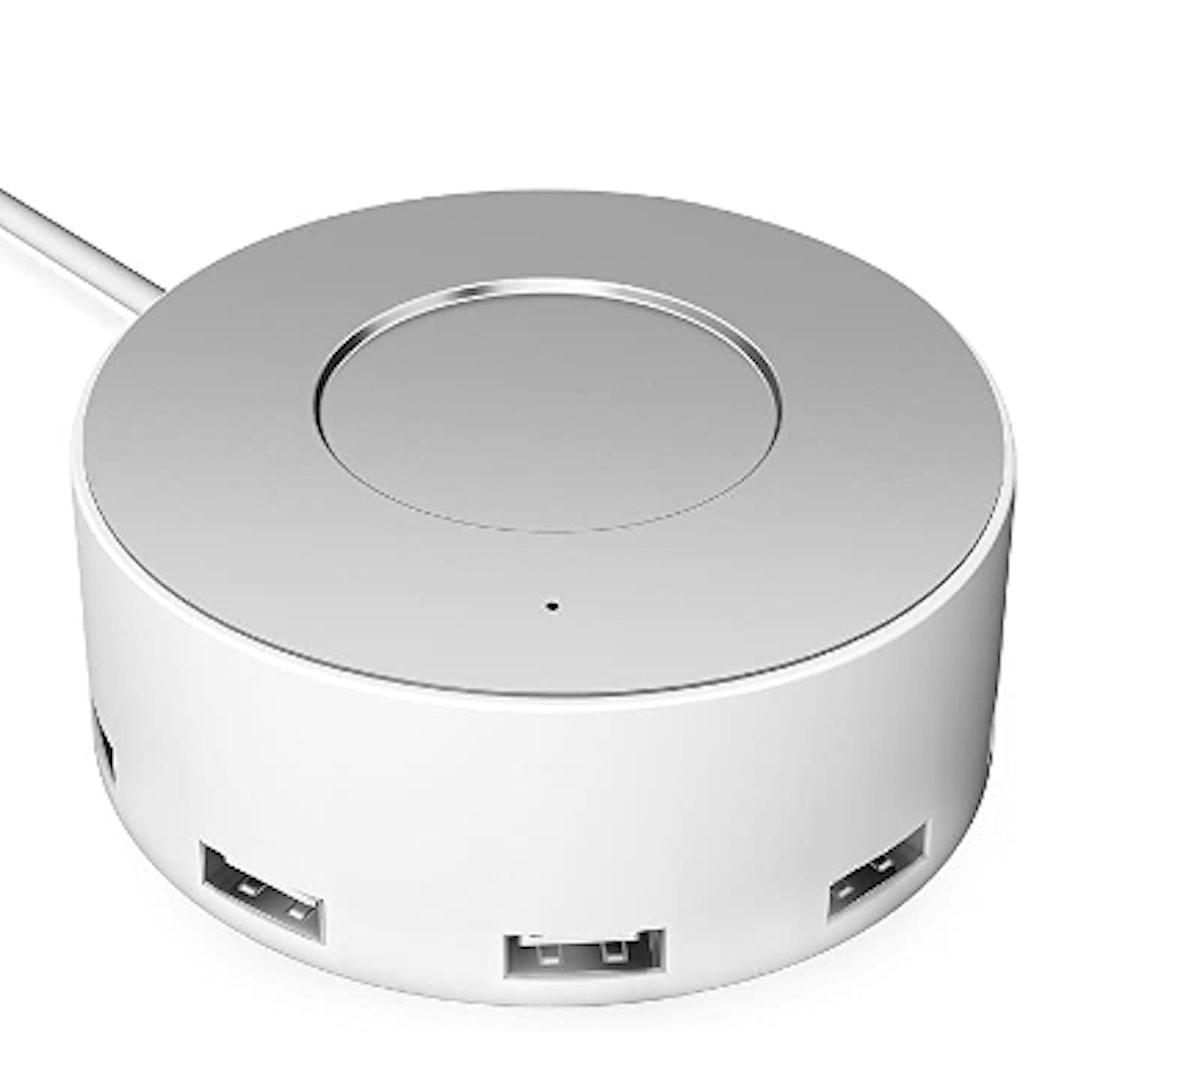 Vogek 6-Port USB Charger